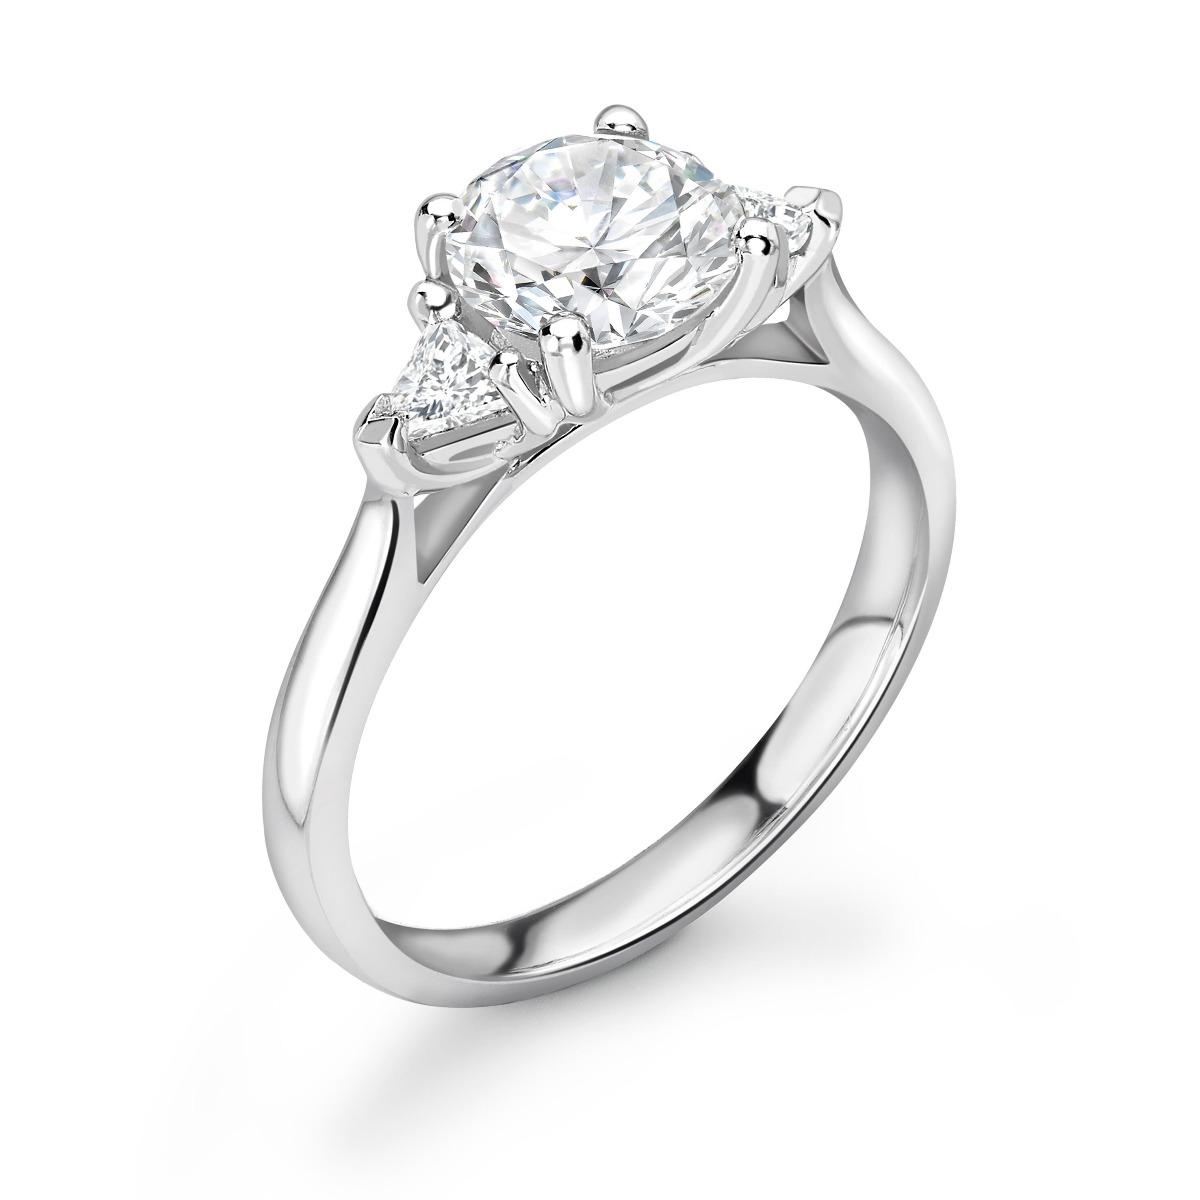 1.13ct Georgia Trilogy | Round & Trillion Diamond 3 Stone Engagement Ring | 18K White Gold